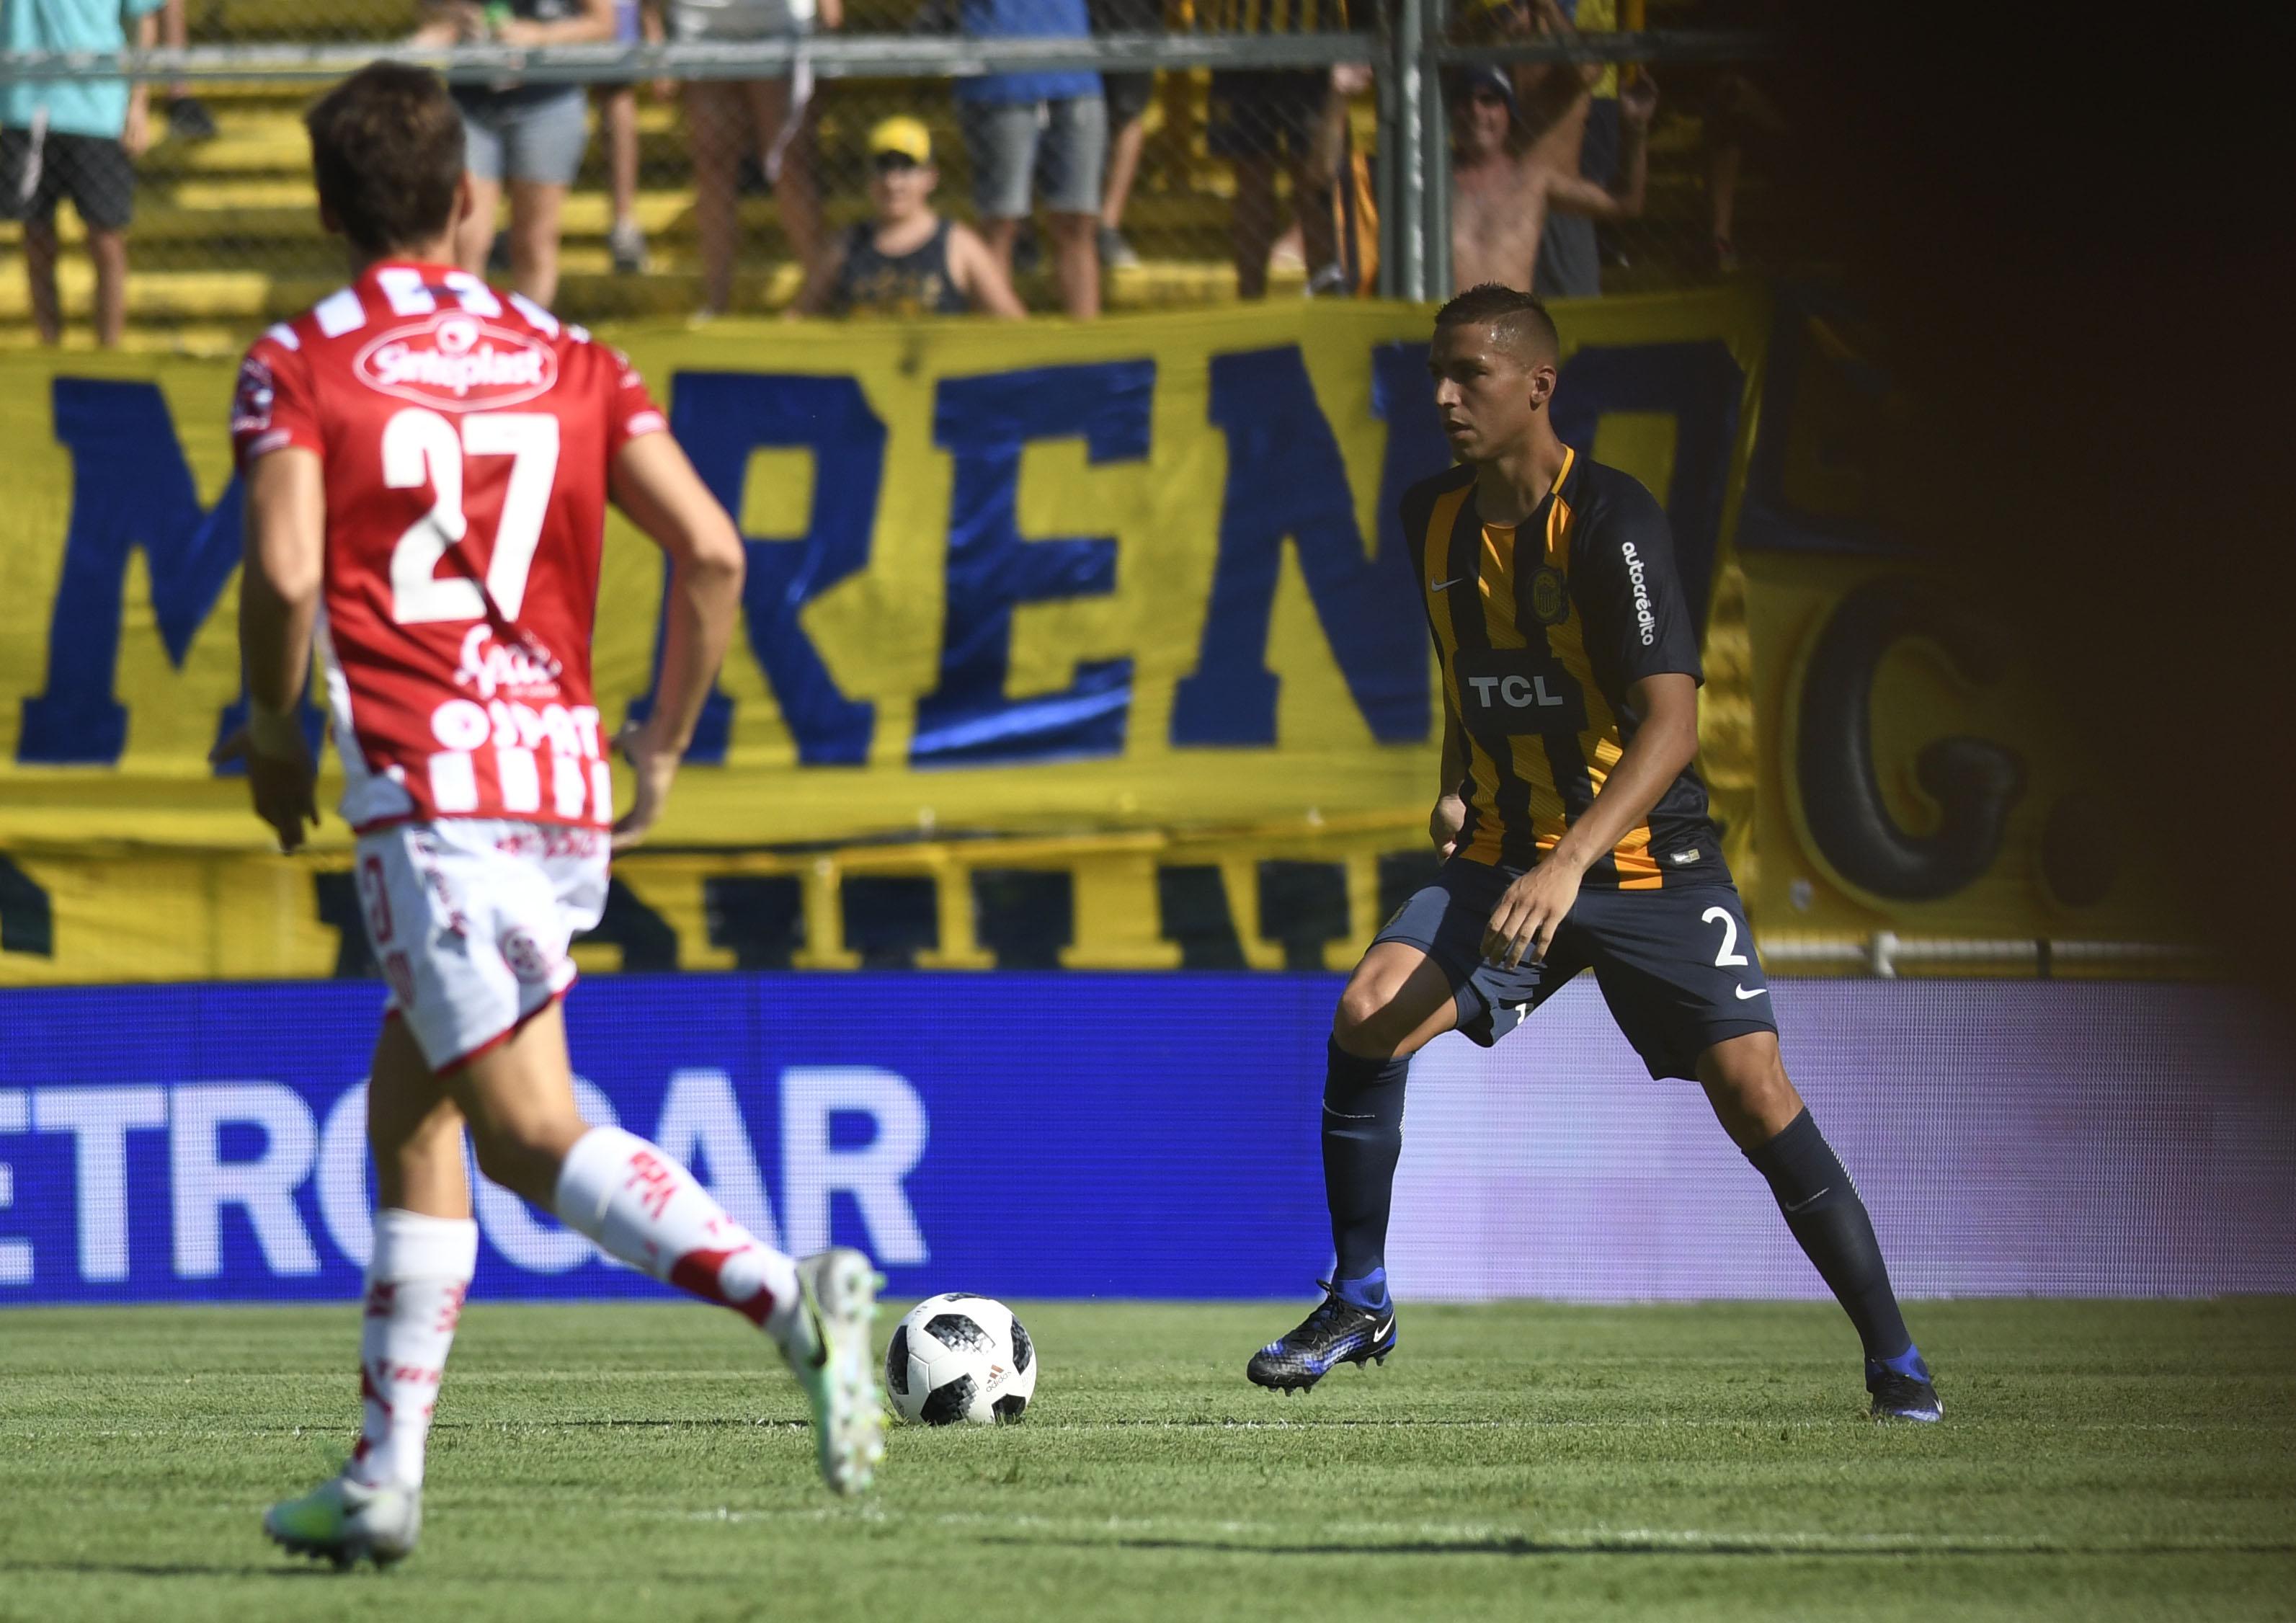 El defensor marcó el gol del triunfo (Foto: Juan José García)